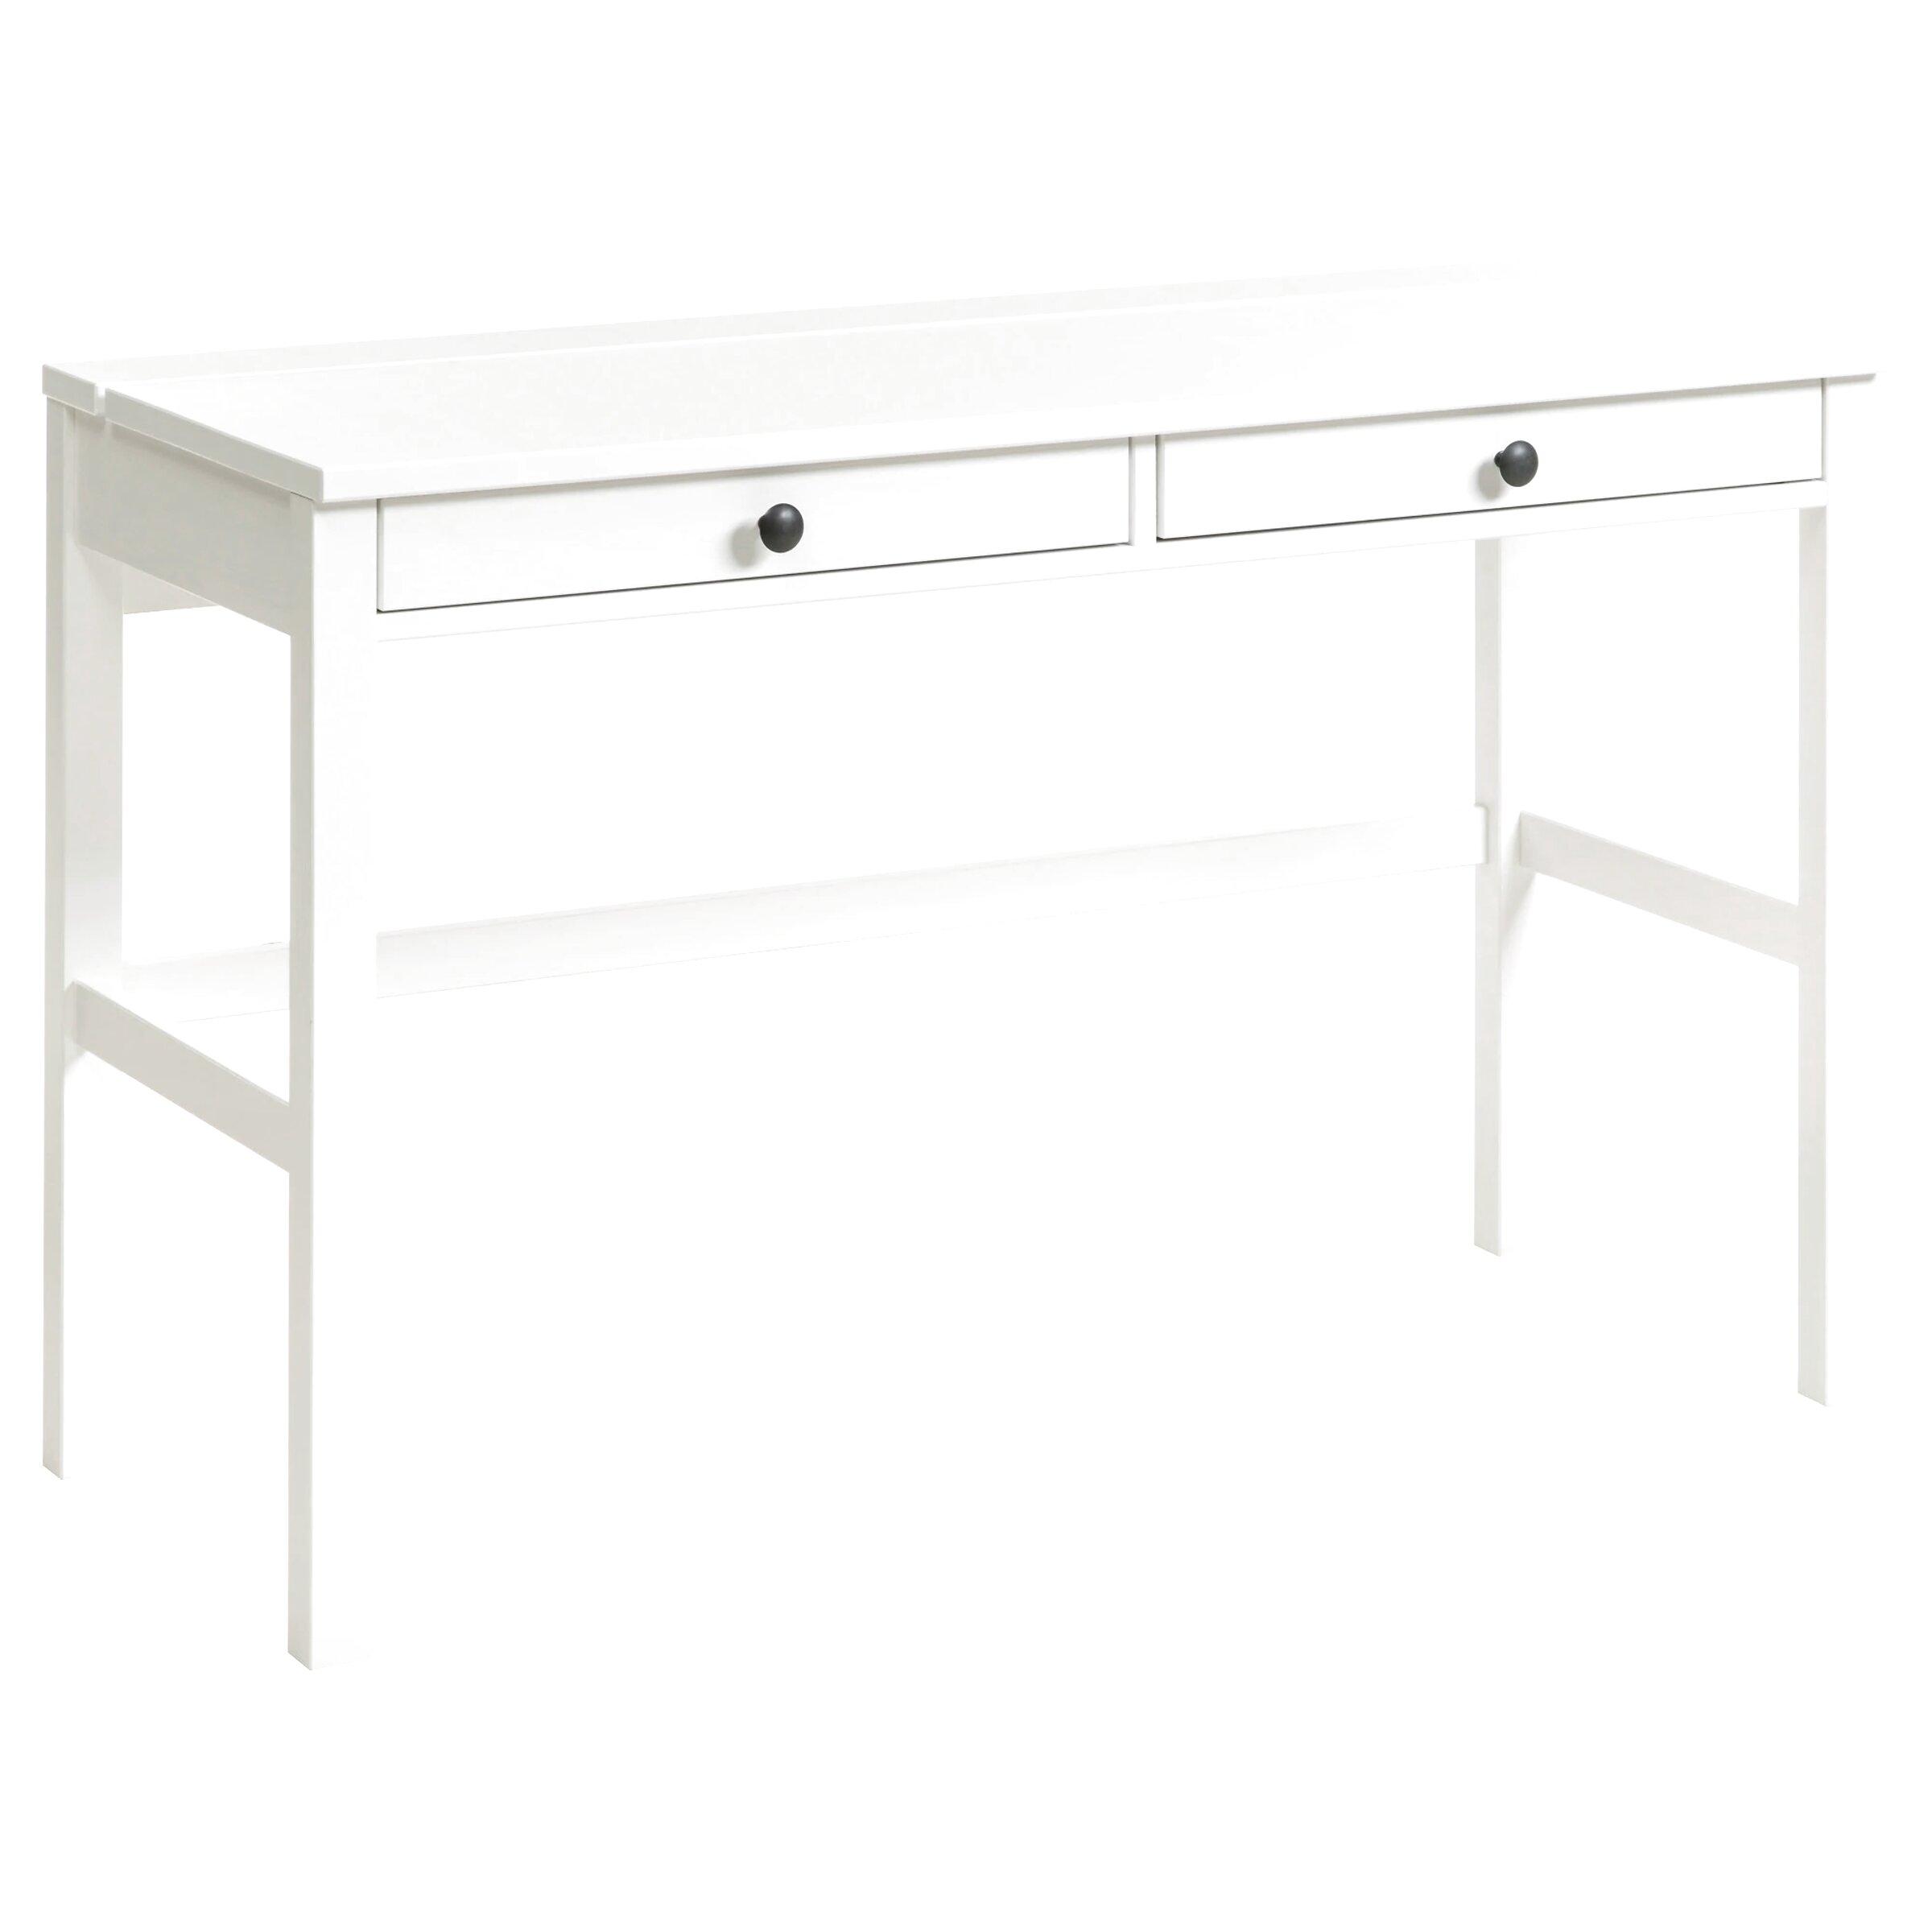 Scrivania ikea hemnes usato in italia vedi tutte i 17 for Ikea usato milano